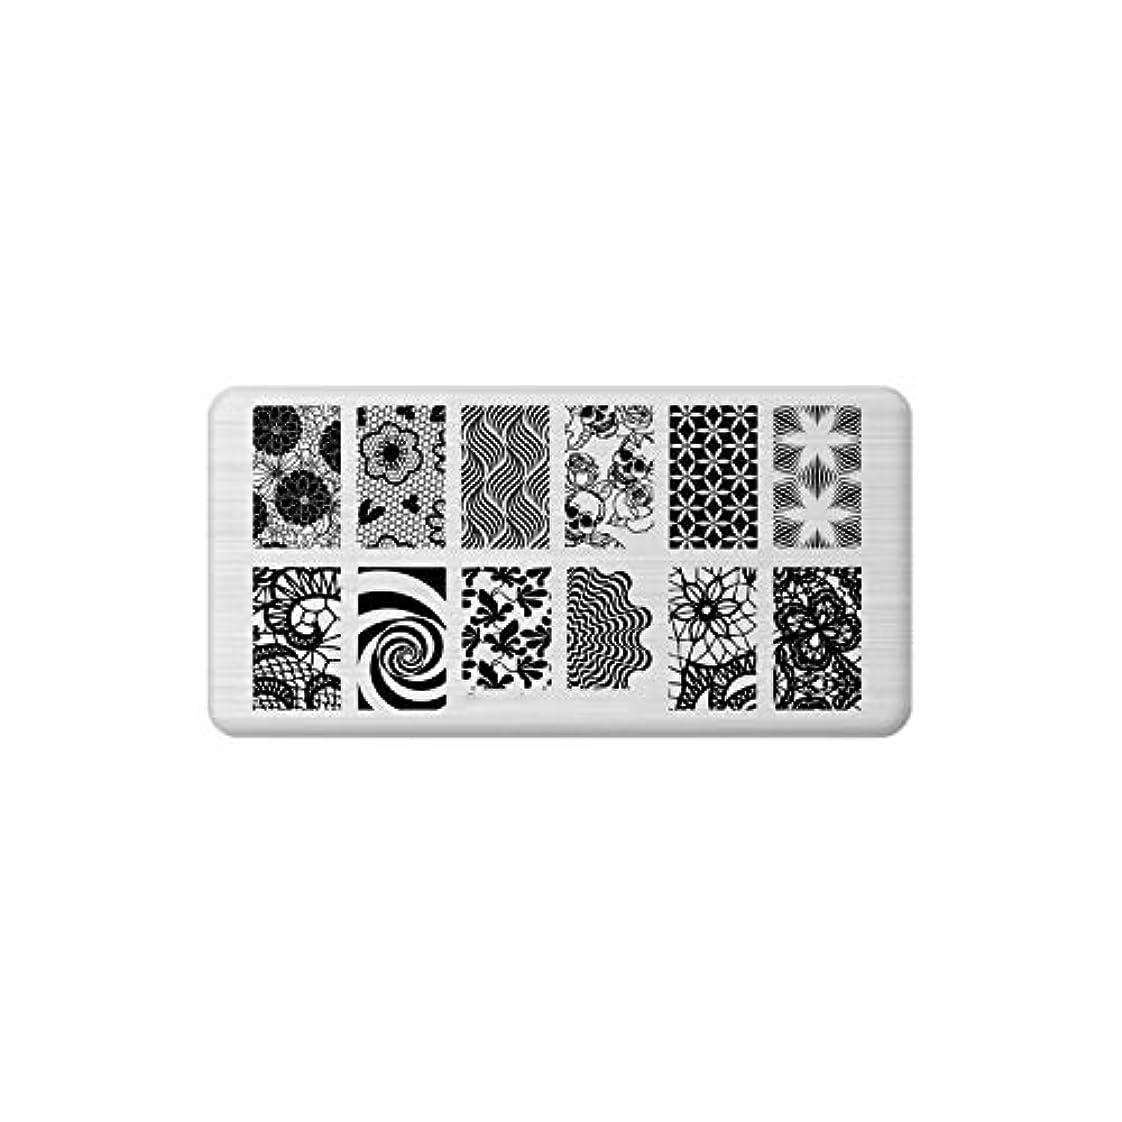 テンポ電極新着フロリダクリスマスシリーズネイルスタンピングプレートフラワーデザインステンレス鋼爪用DIYスタンピングプレート,35